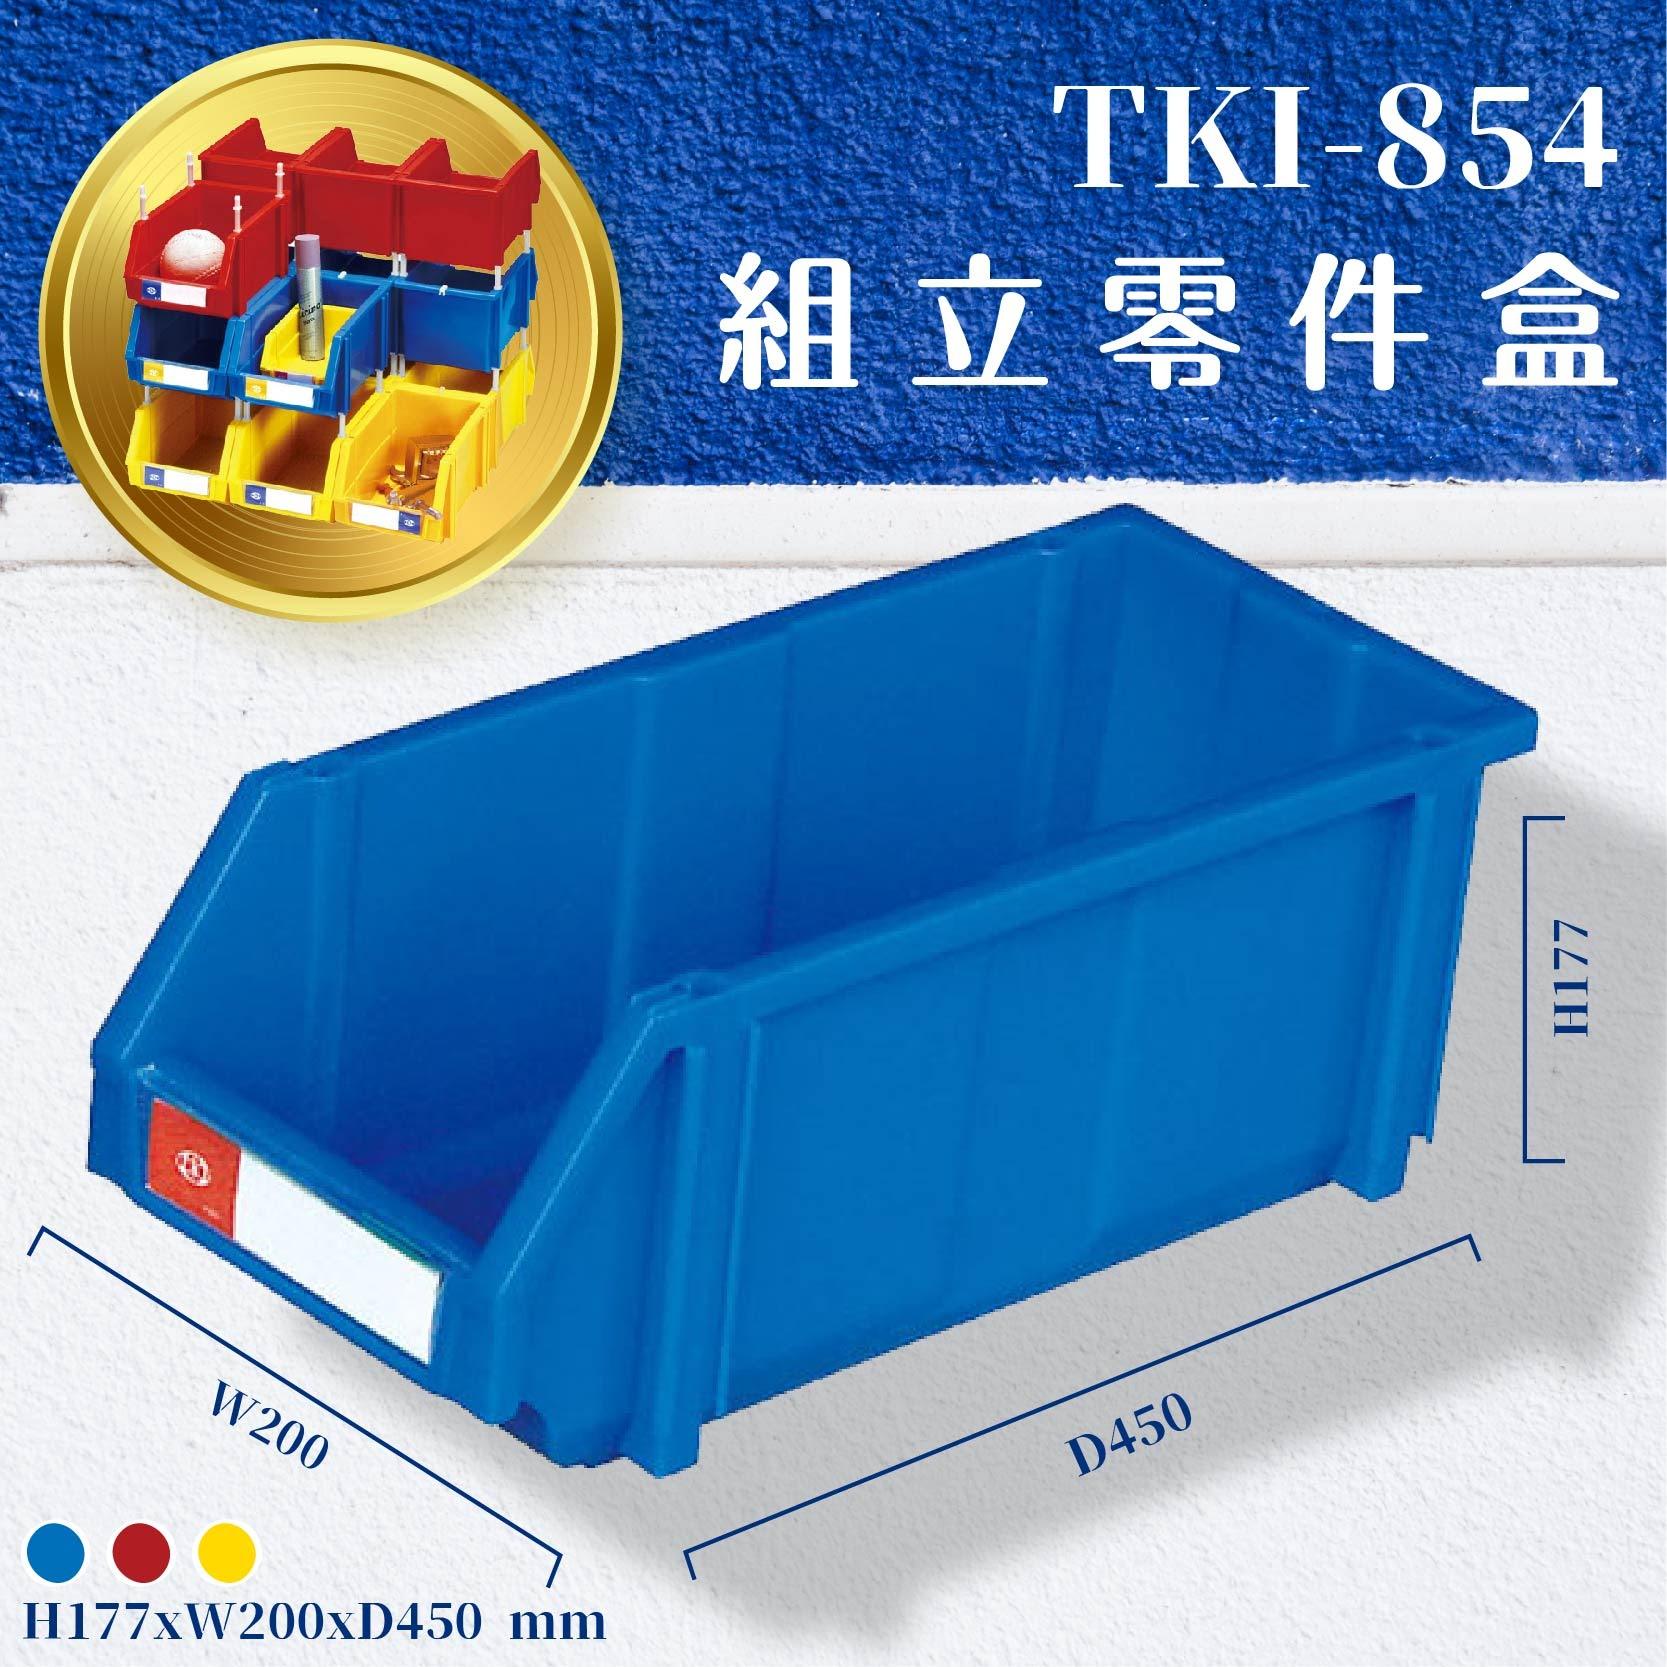 輕鬆收納【天鋼】TKI-854 組立零件盒(藍) 耐衝擊 整理盒 工具盒 分類盒 收納盒 零件 工廠 車廠